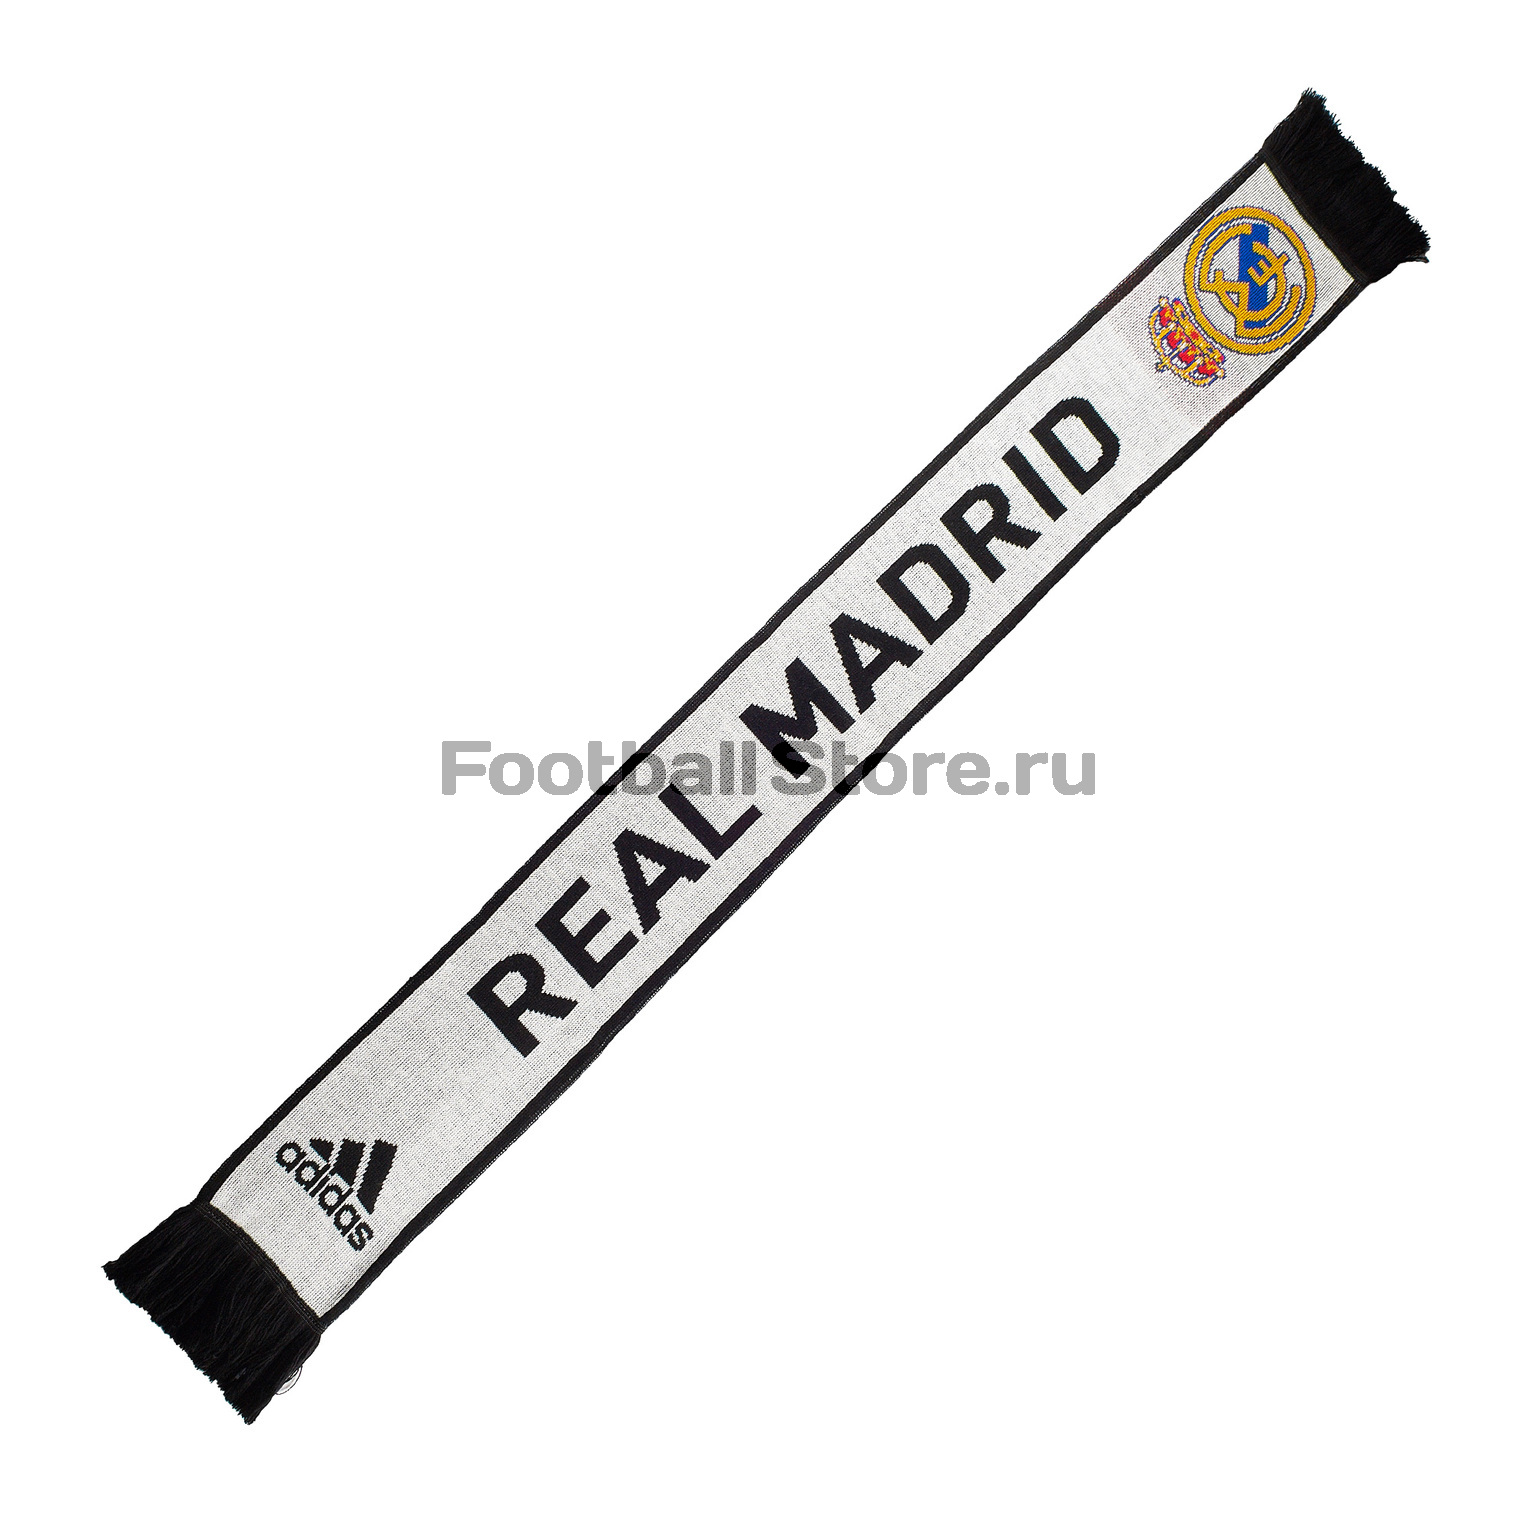 Шарф болельщика Adidas Real Madrid CY5602 mutua madrid open pass page 9